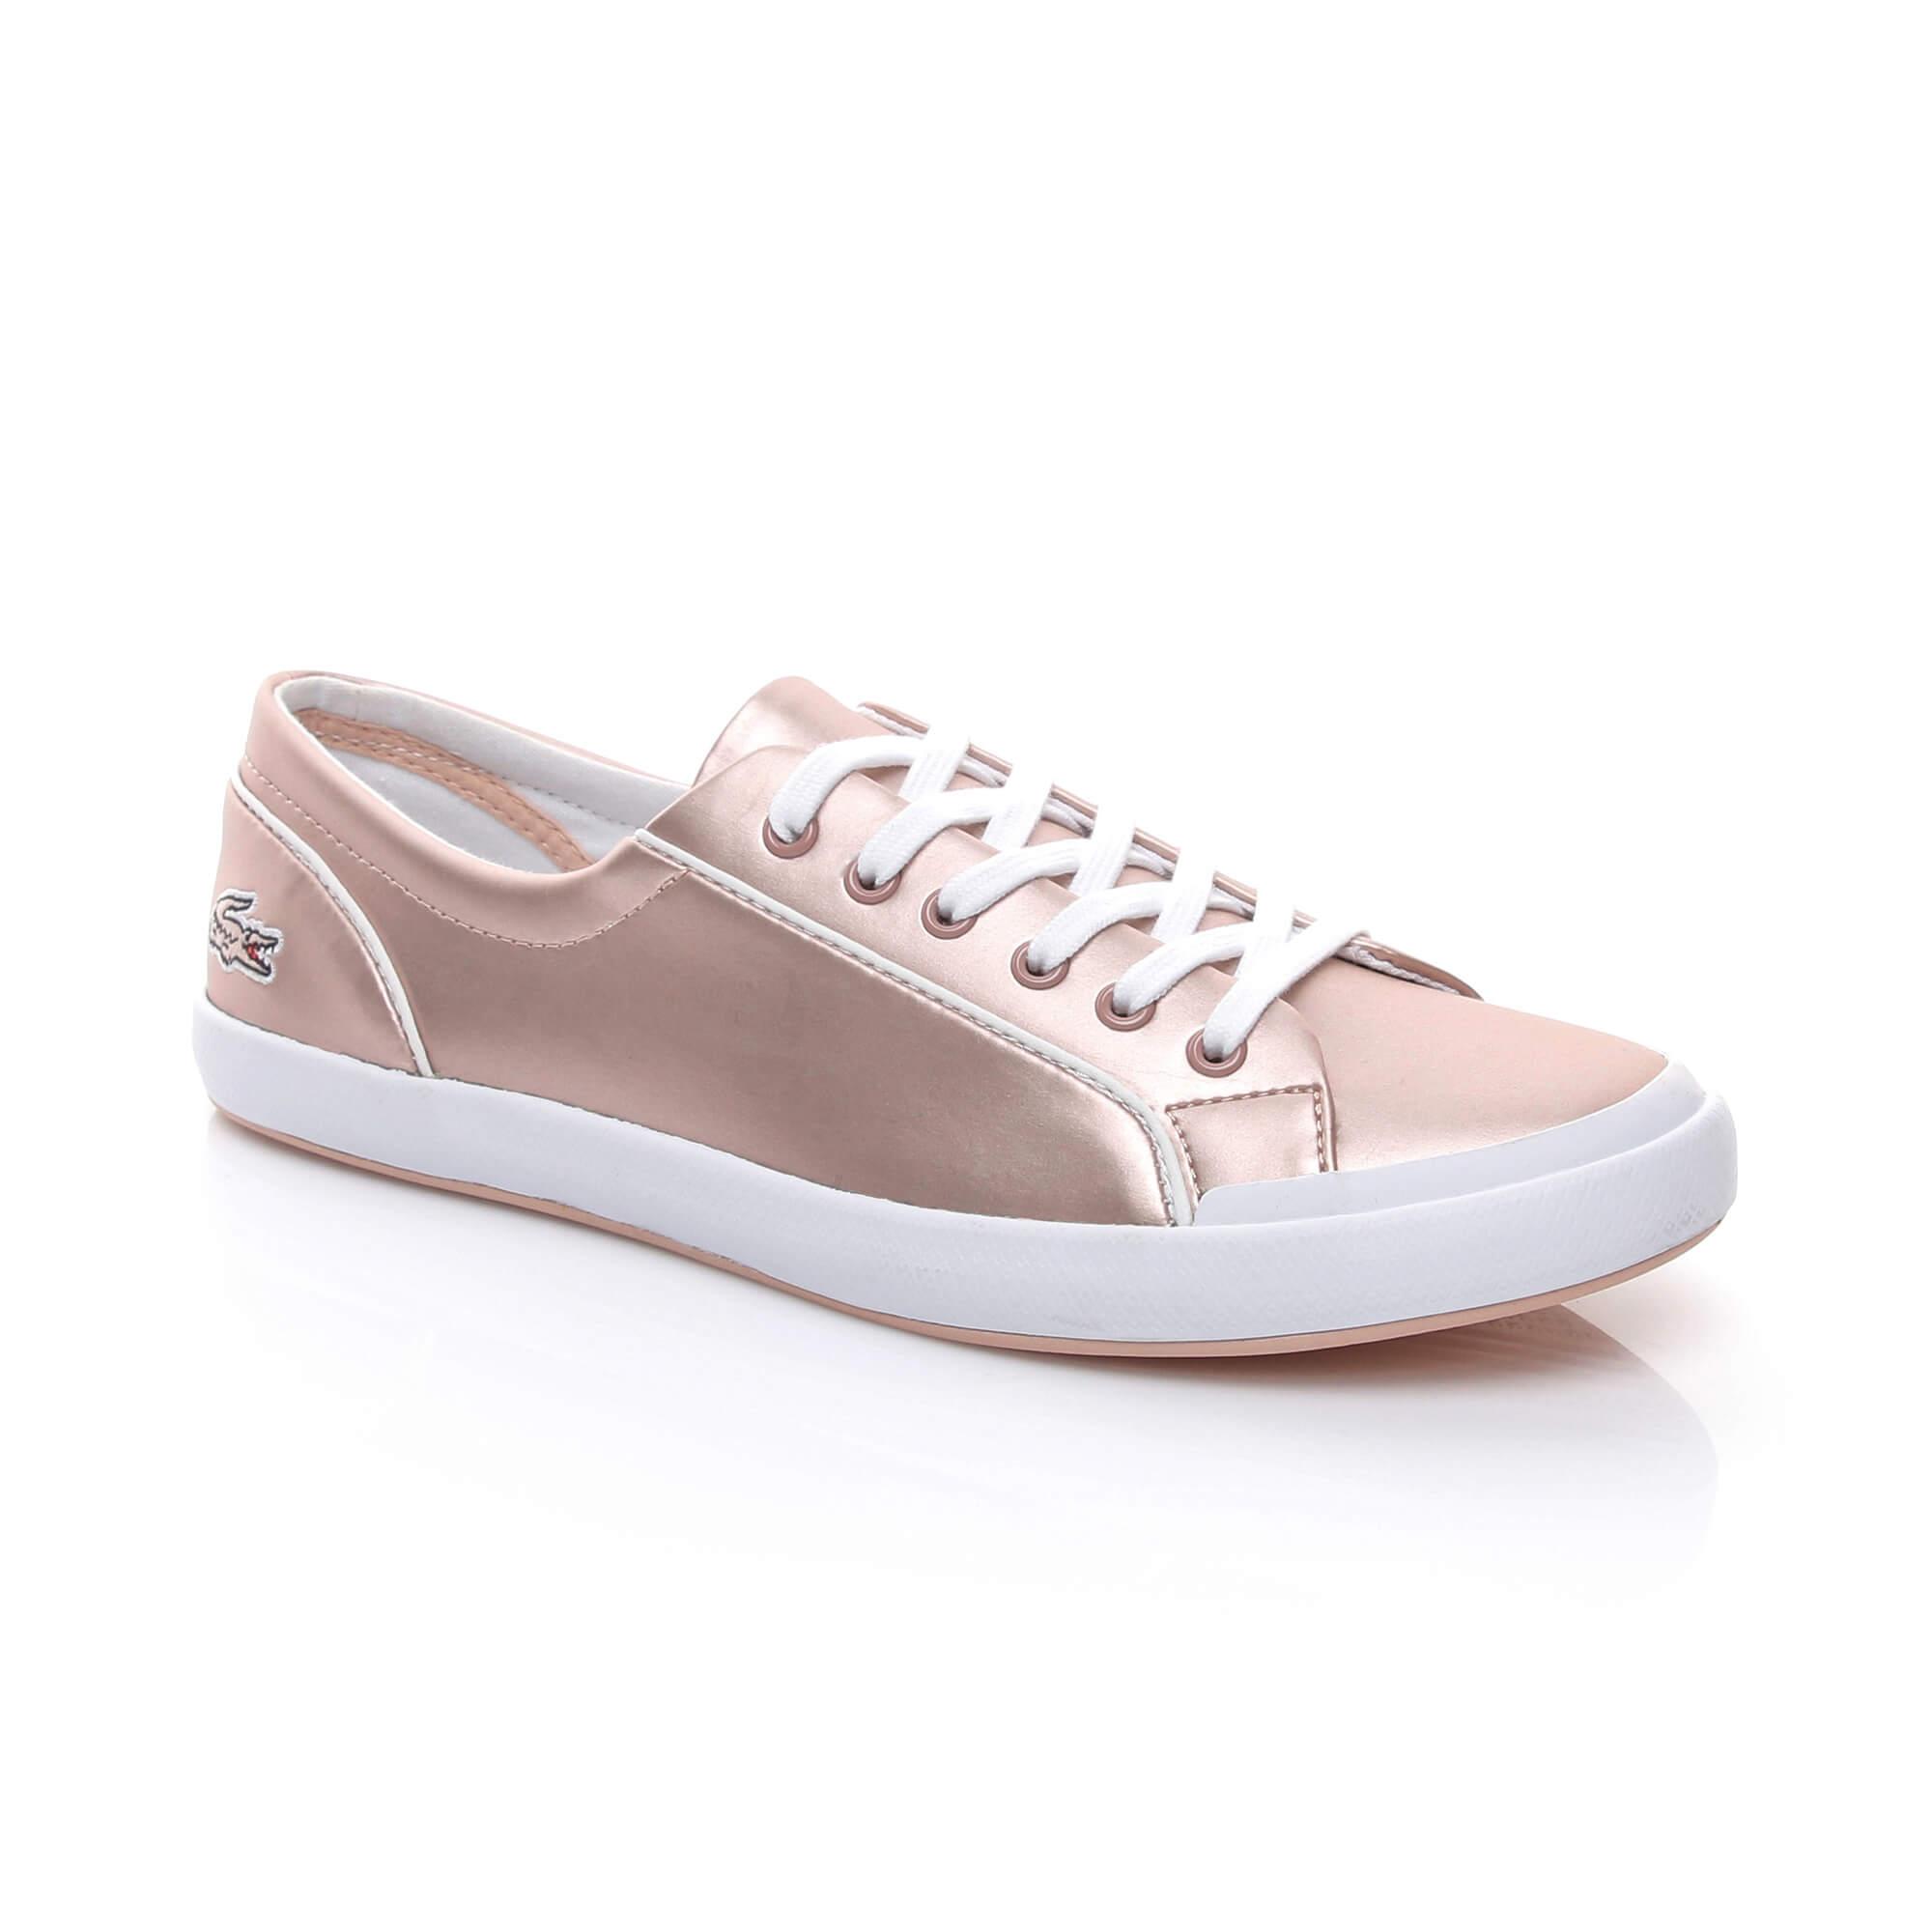 b25a229c1c965 Lacoste Pembe Günlük Desensiz Kadın Günlük Ayakkabı